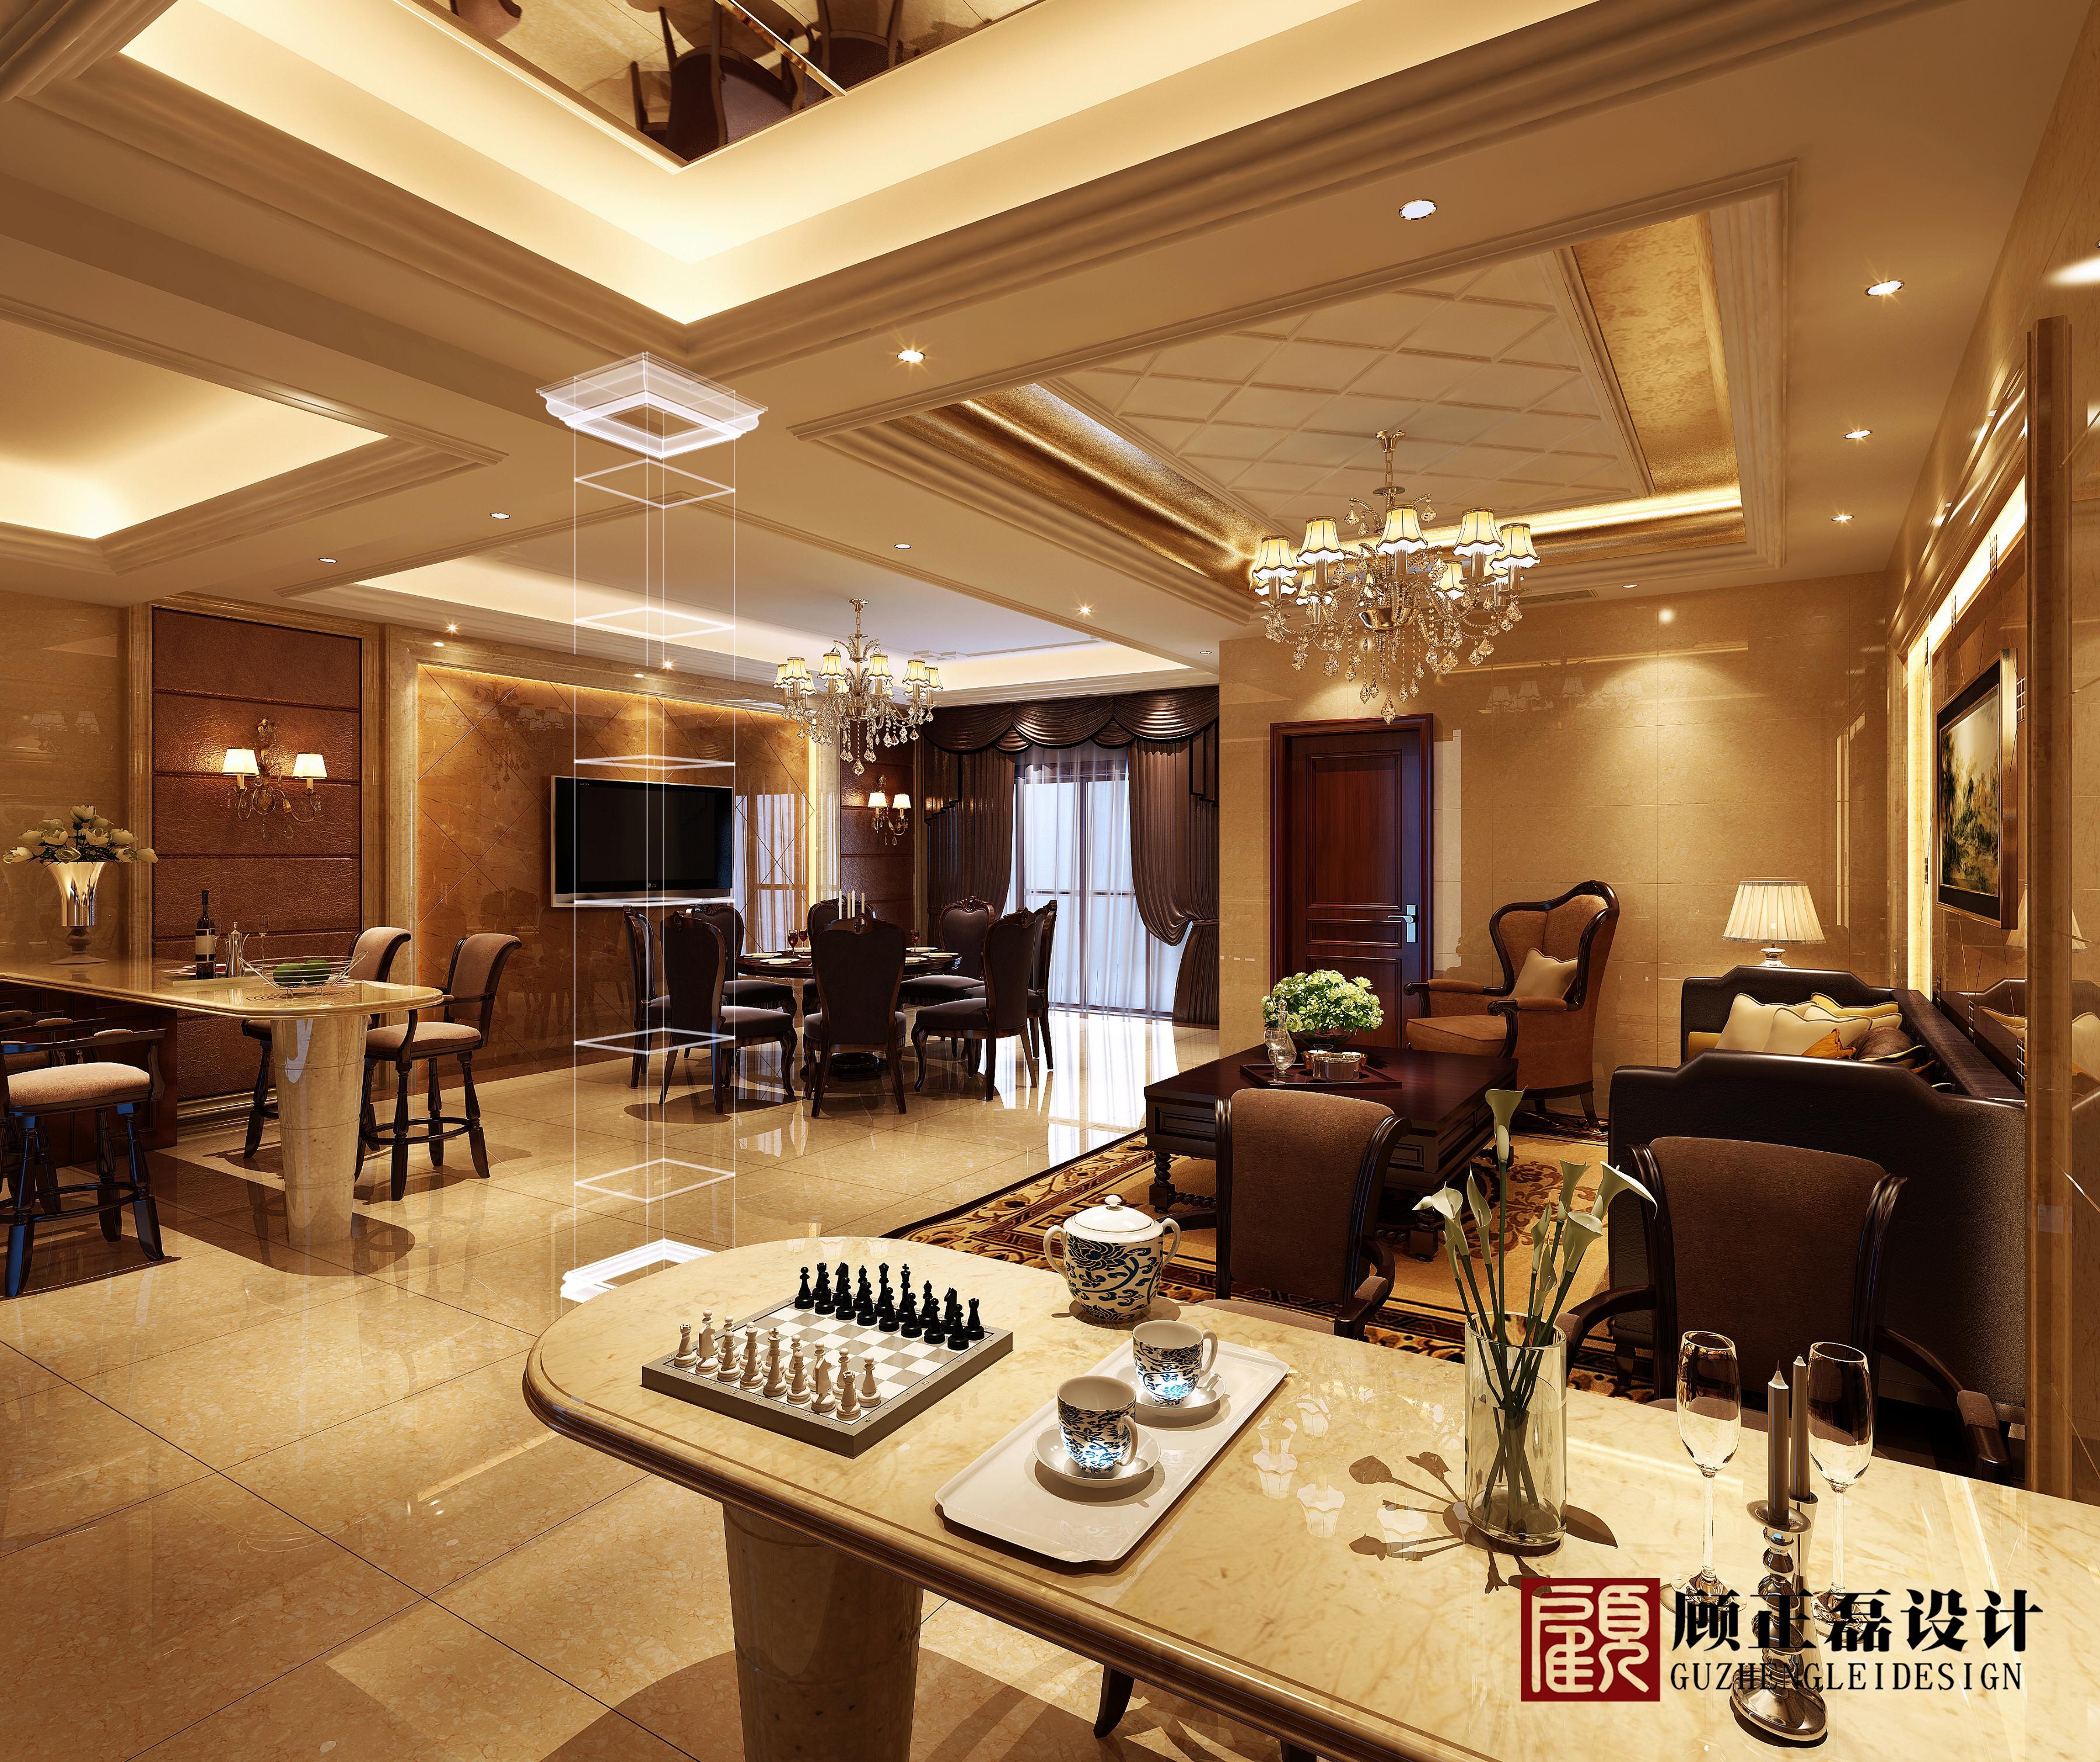 【顾正磊空间设计事务所】450平米怡景湾三层联体别墅欧式风格